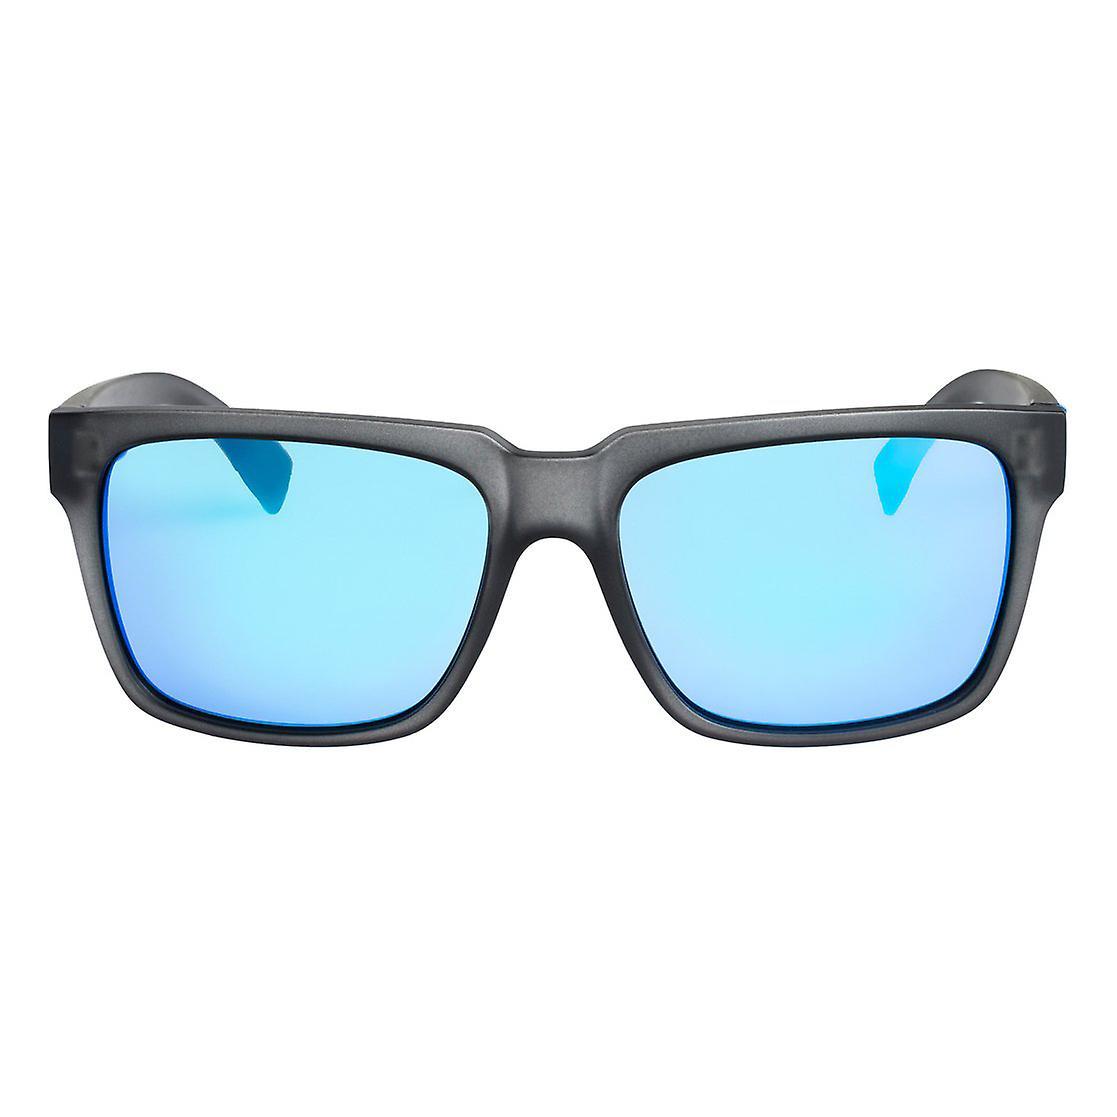 Óculos de sol Quiksilver Bruiser - fumaça de cristal fosco   Fruugo 6ab5254847